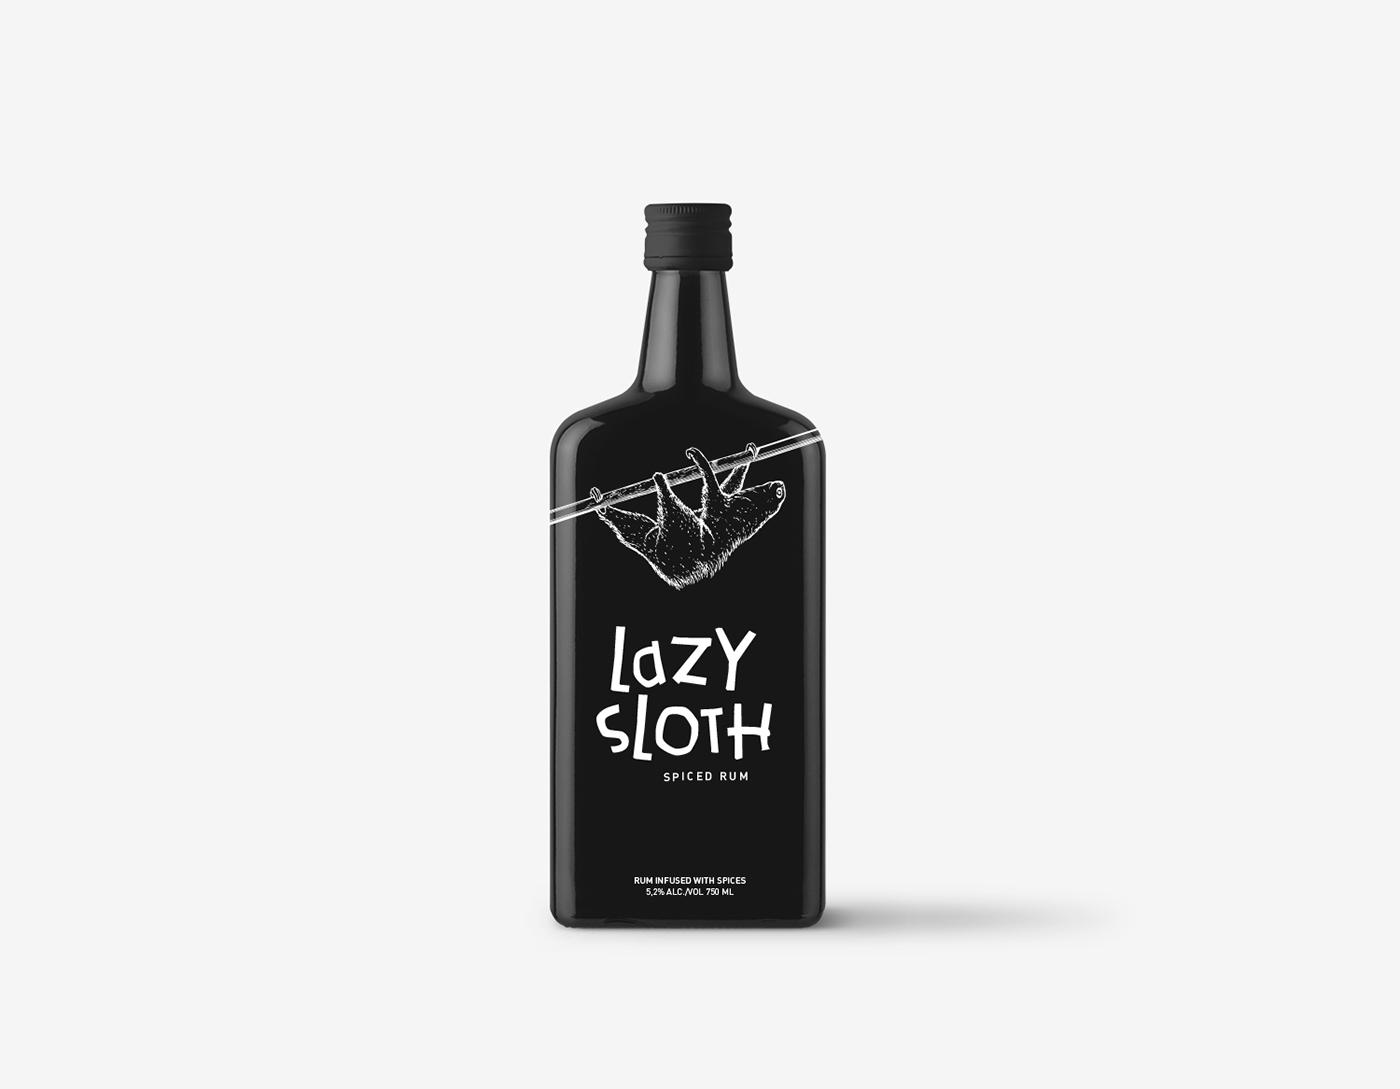 Packaging,ILLUSTRATION ,branding ,Rum,design,art,animal,sloth,black,White